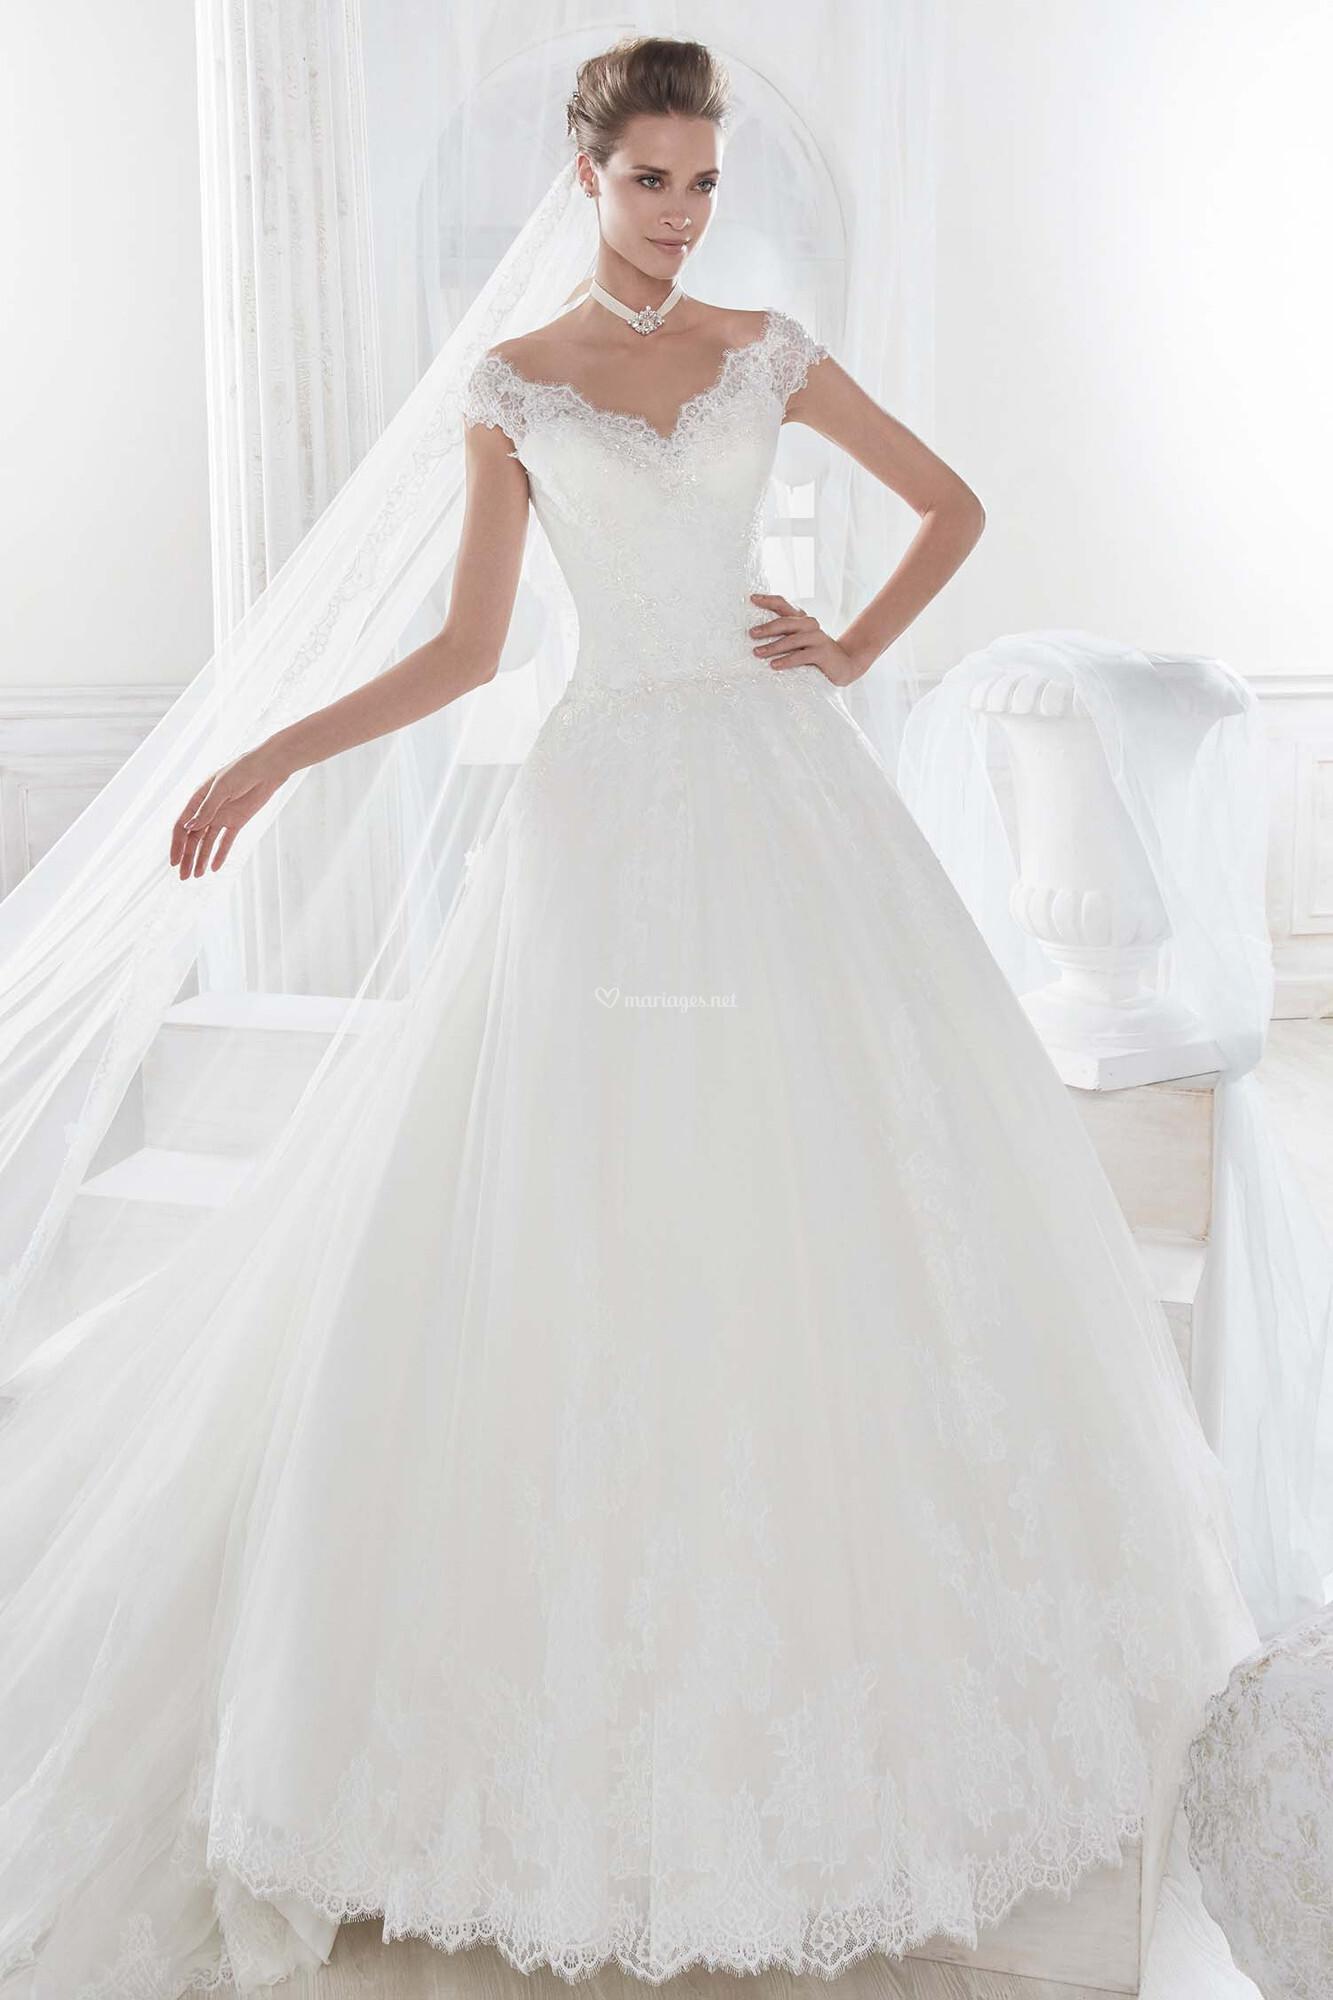 89288f1ed8e Robes de mariée de Nicole - 2018 - Mariages.net